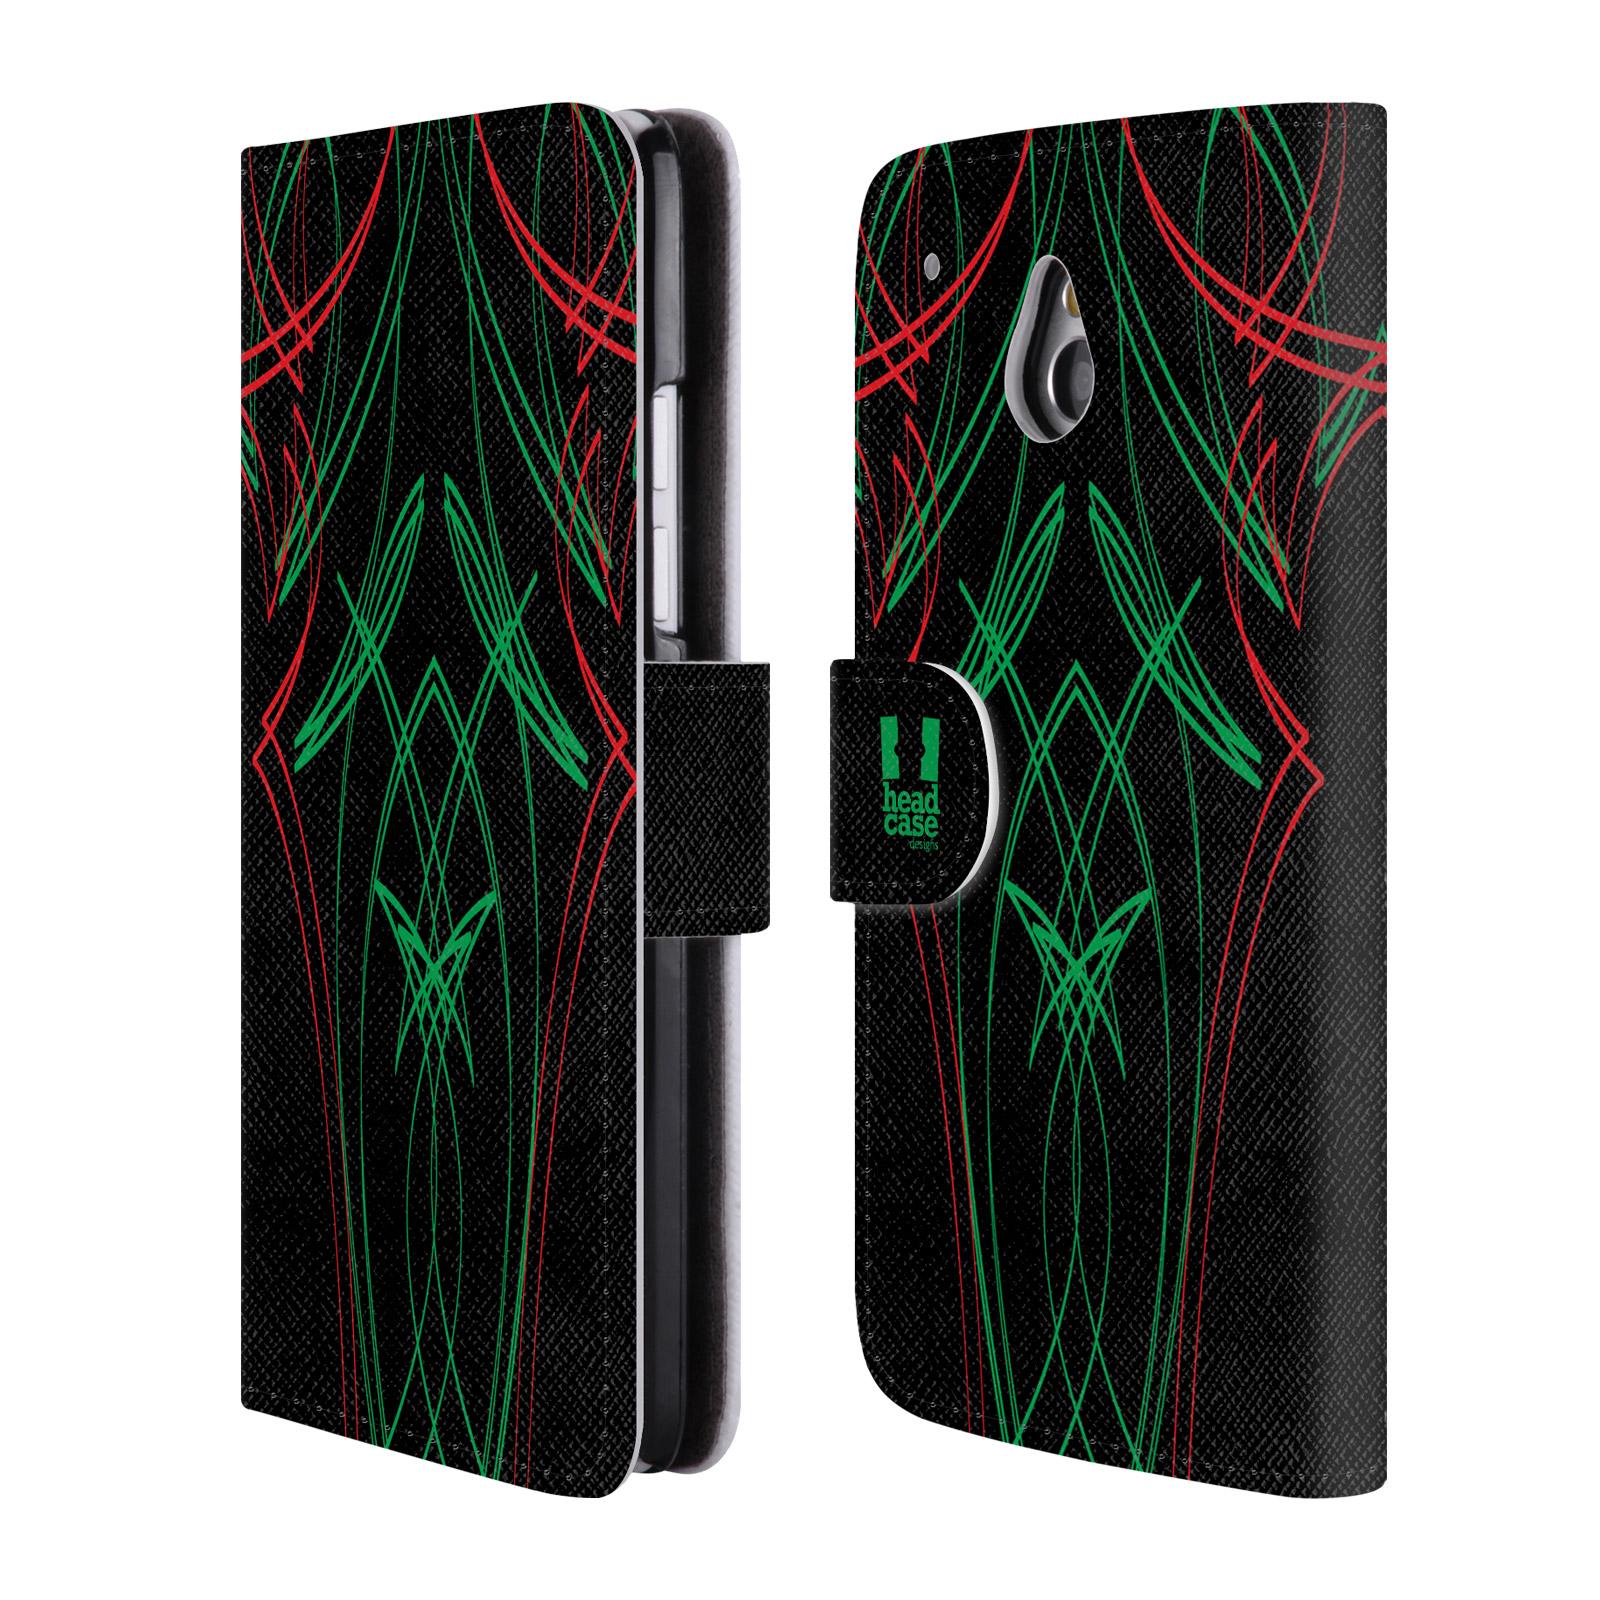 HEAD CASE Flipové pouzdro pro mobil HTC ONE MINI (M4) barevné proužky tvary zelená a červená